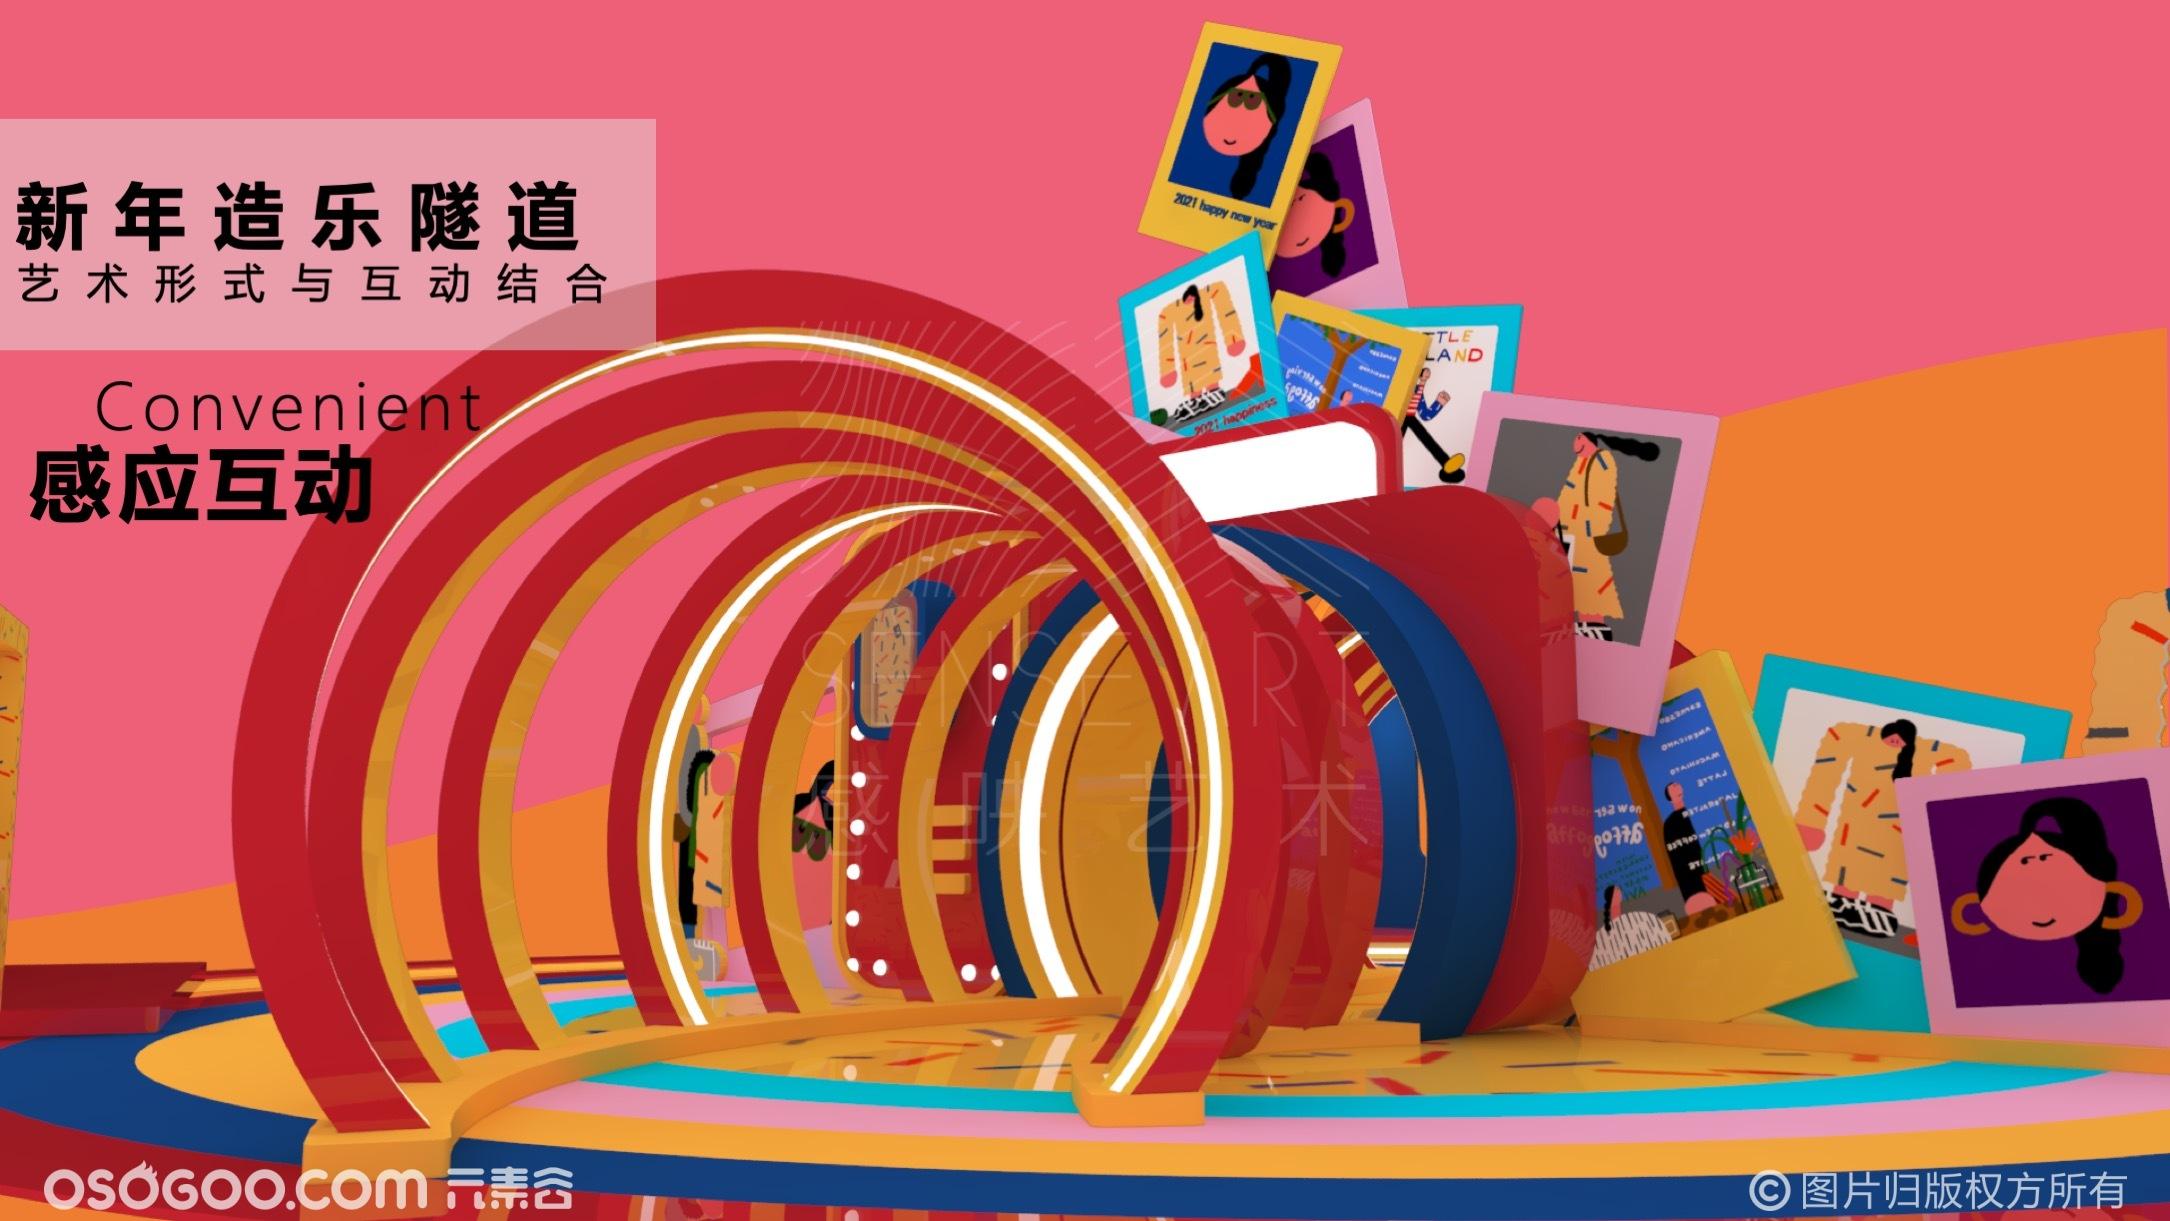 【新年造乐公司】韩国妙趣生活插画艺术家主题IP沉浸式体验展